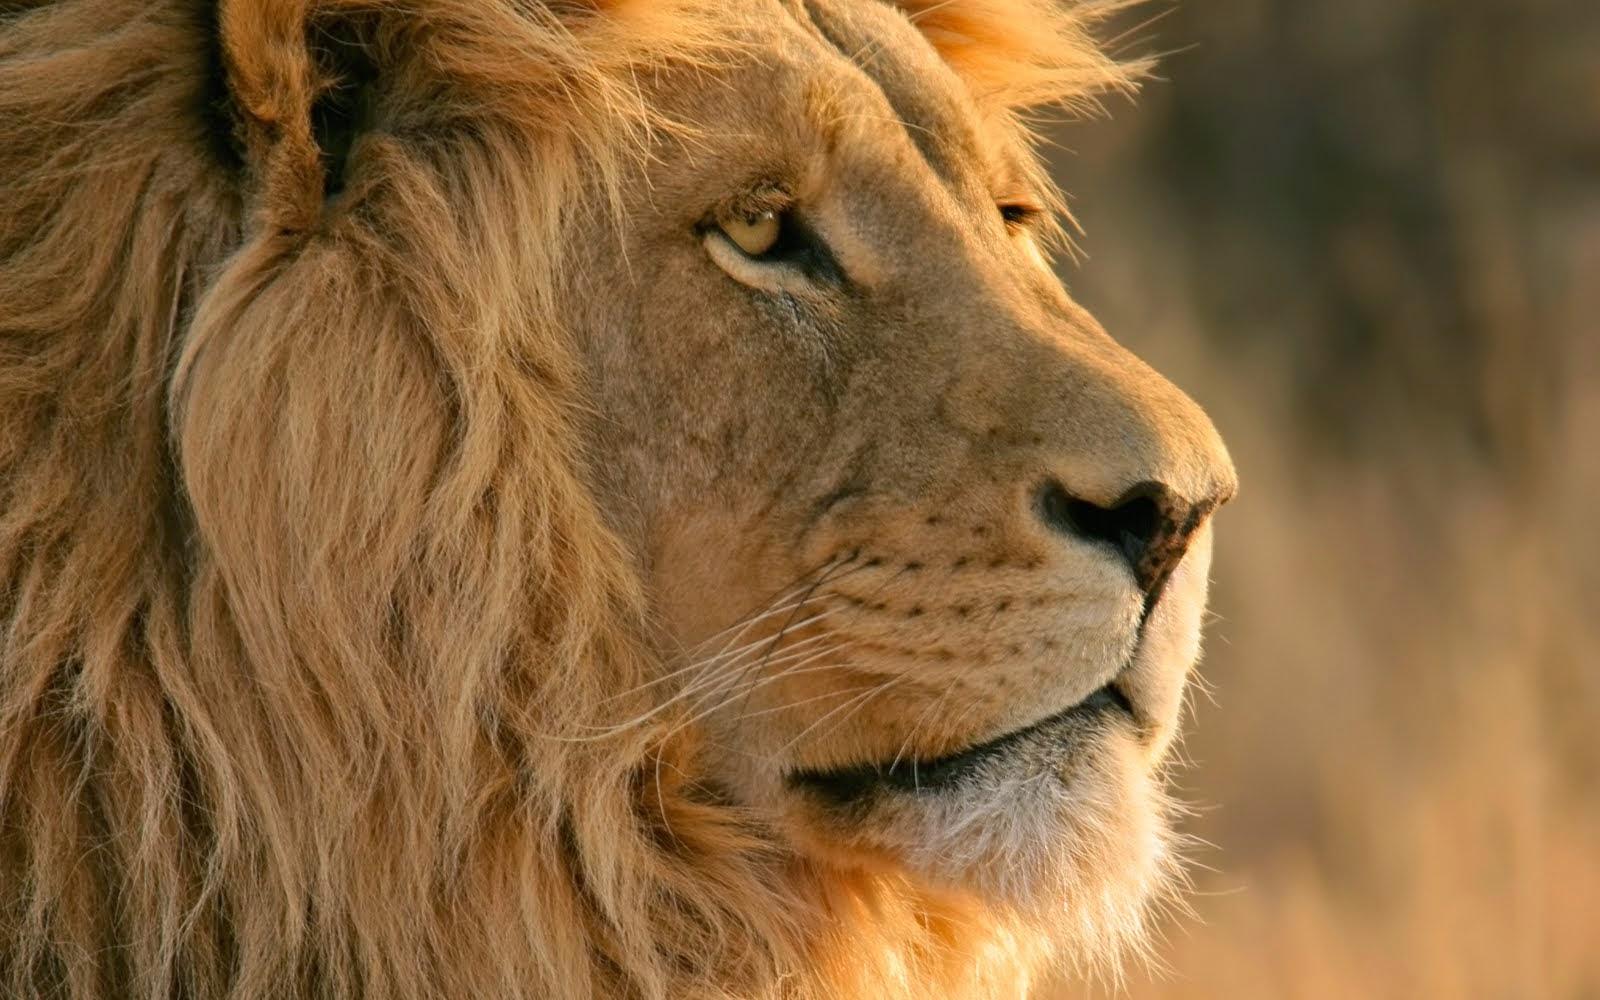 os x lion wallpaper - photo #20